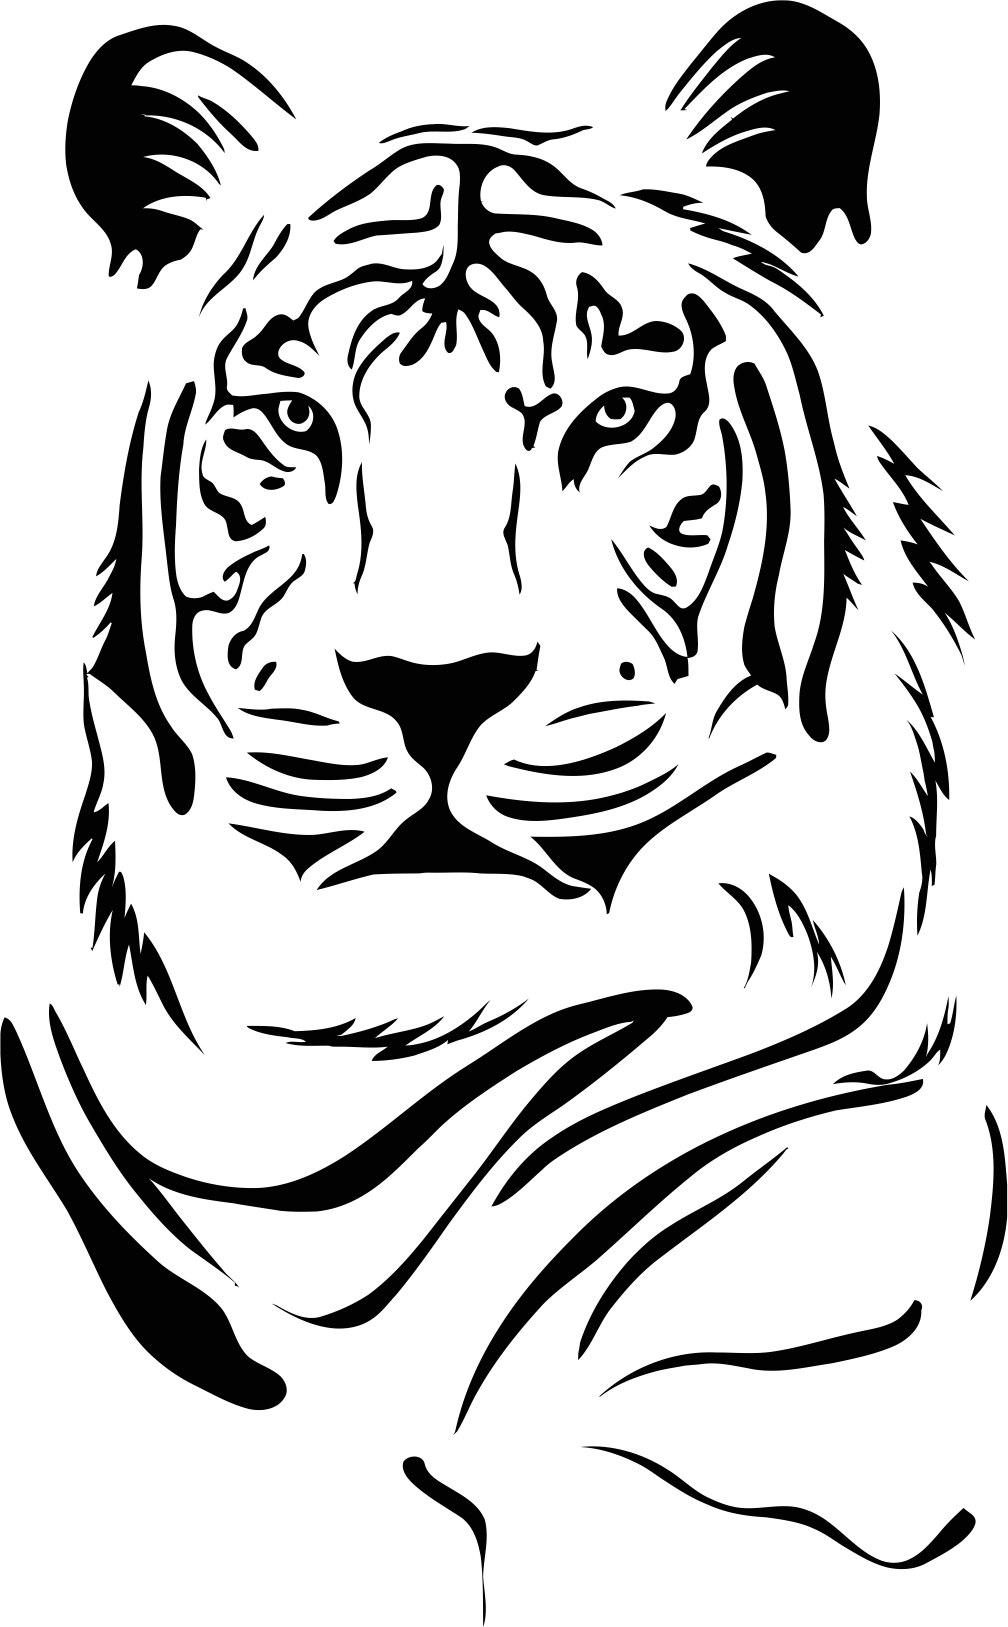 Tiger Stencil Free CDR Vectors Art